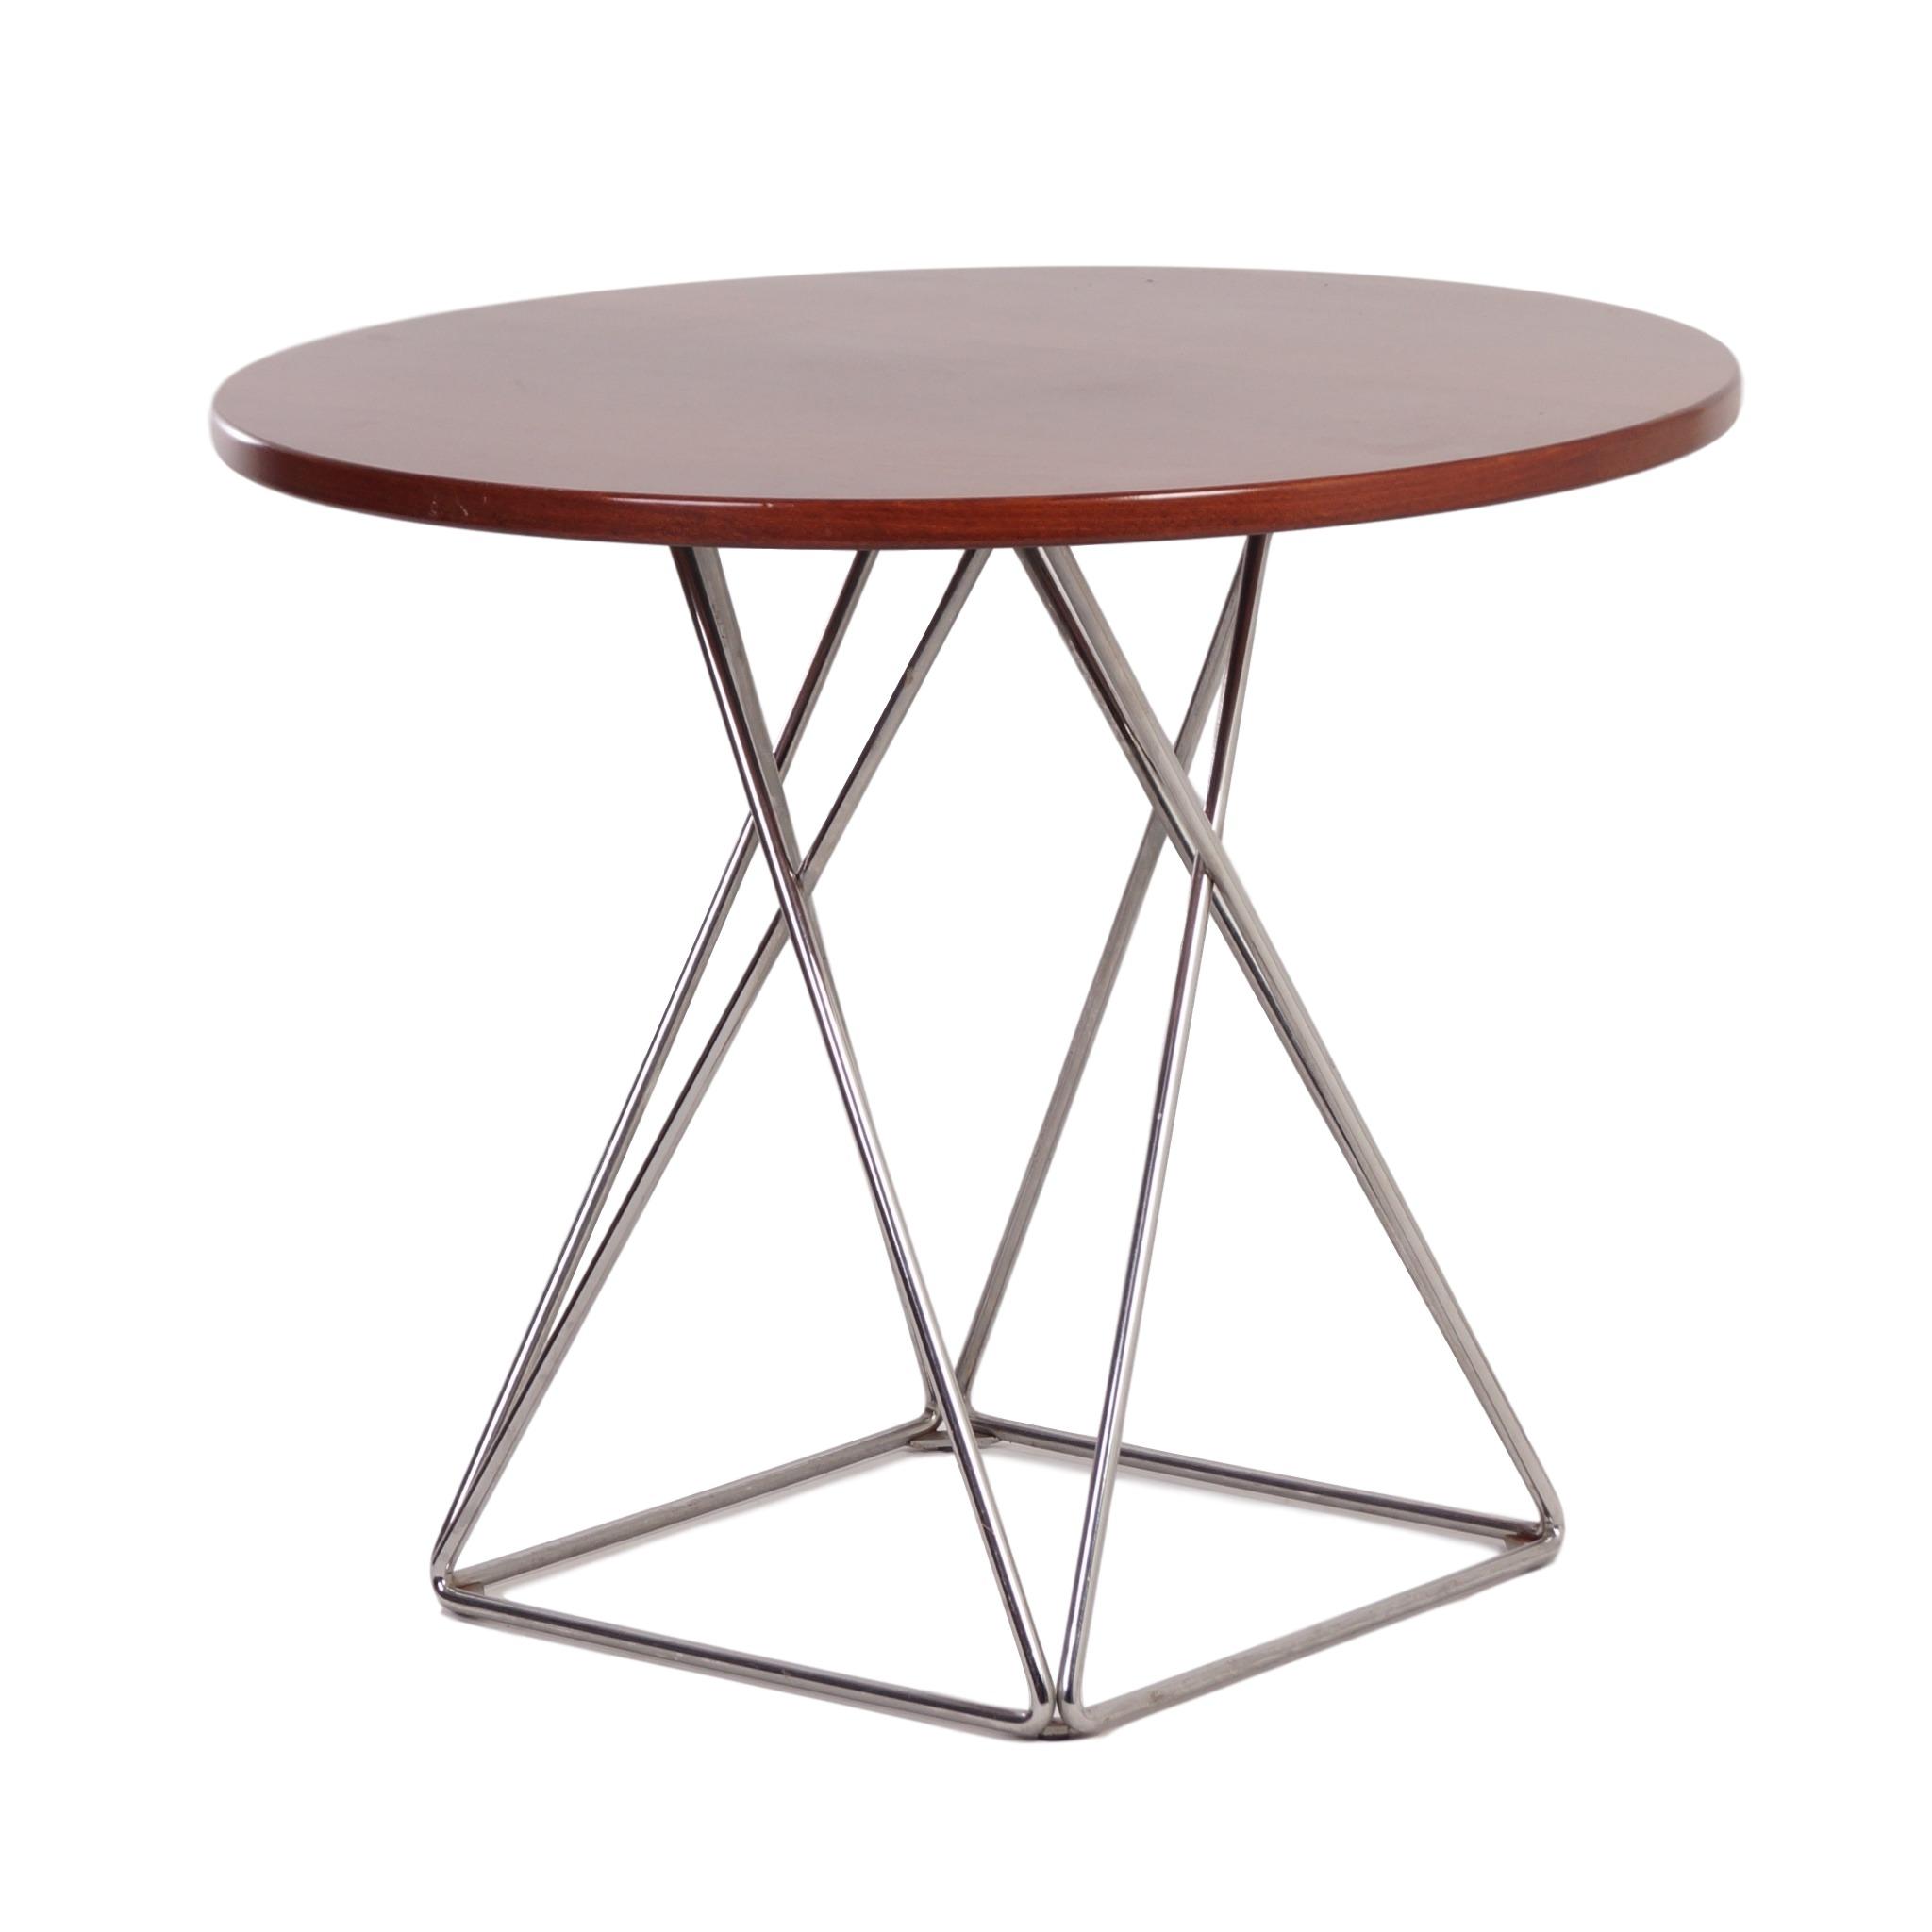 Ikea ronde tafel perfect idee ikea eettafel eiken te ronde tafel ikea ronde salontafel with - Tavolo docksta ikea ...